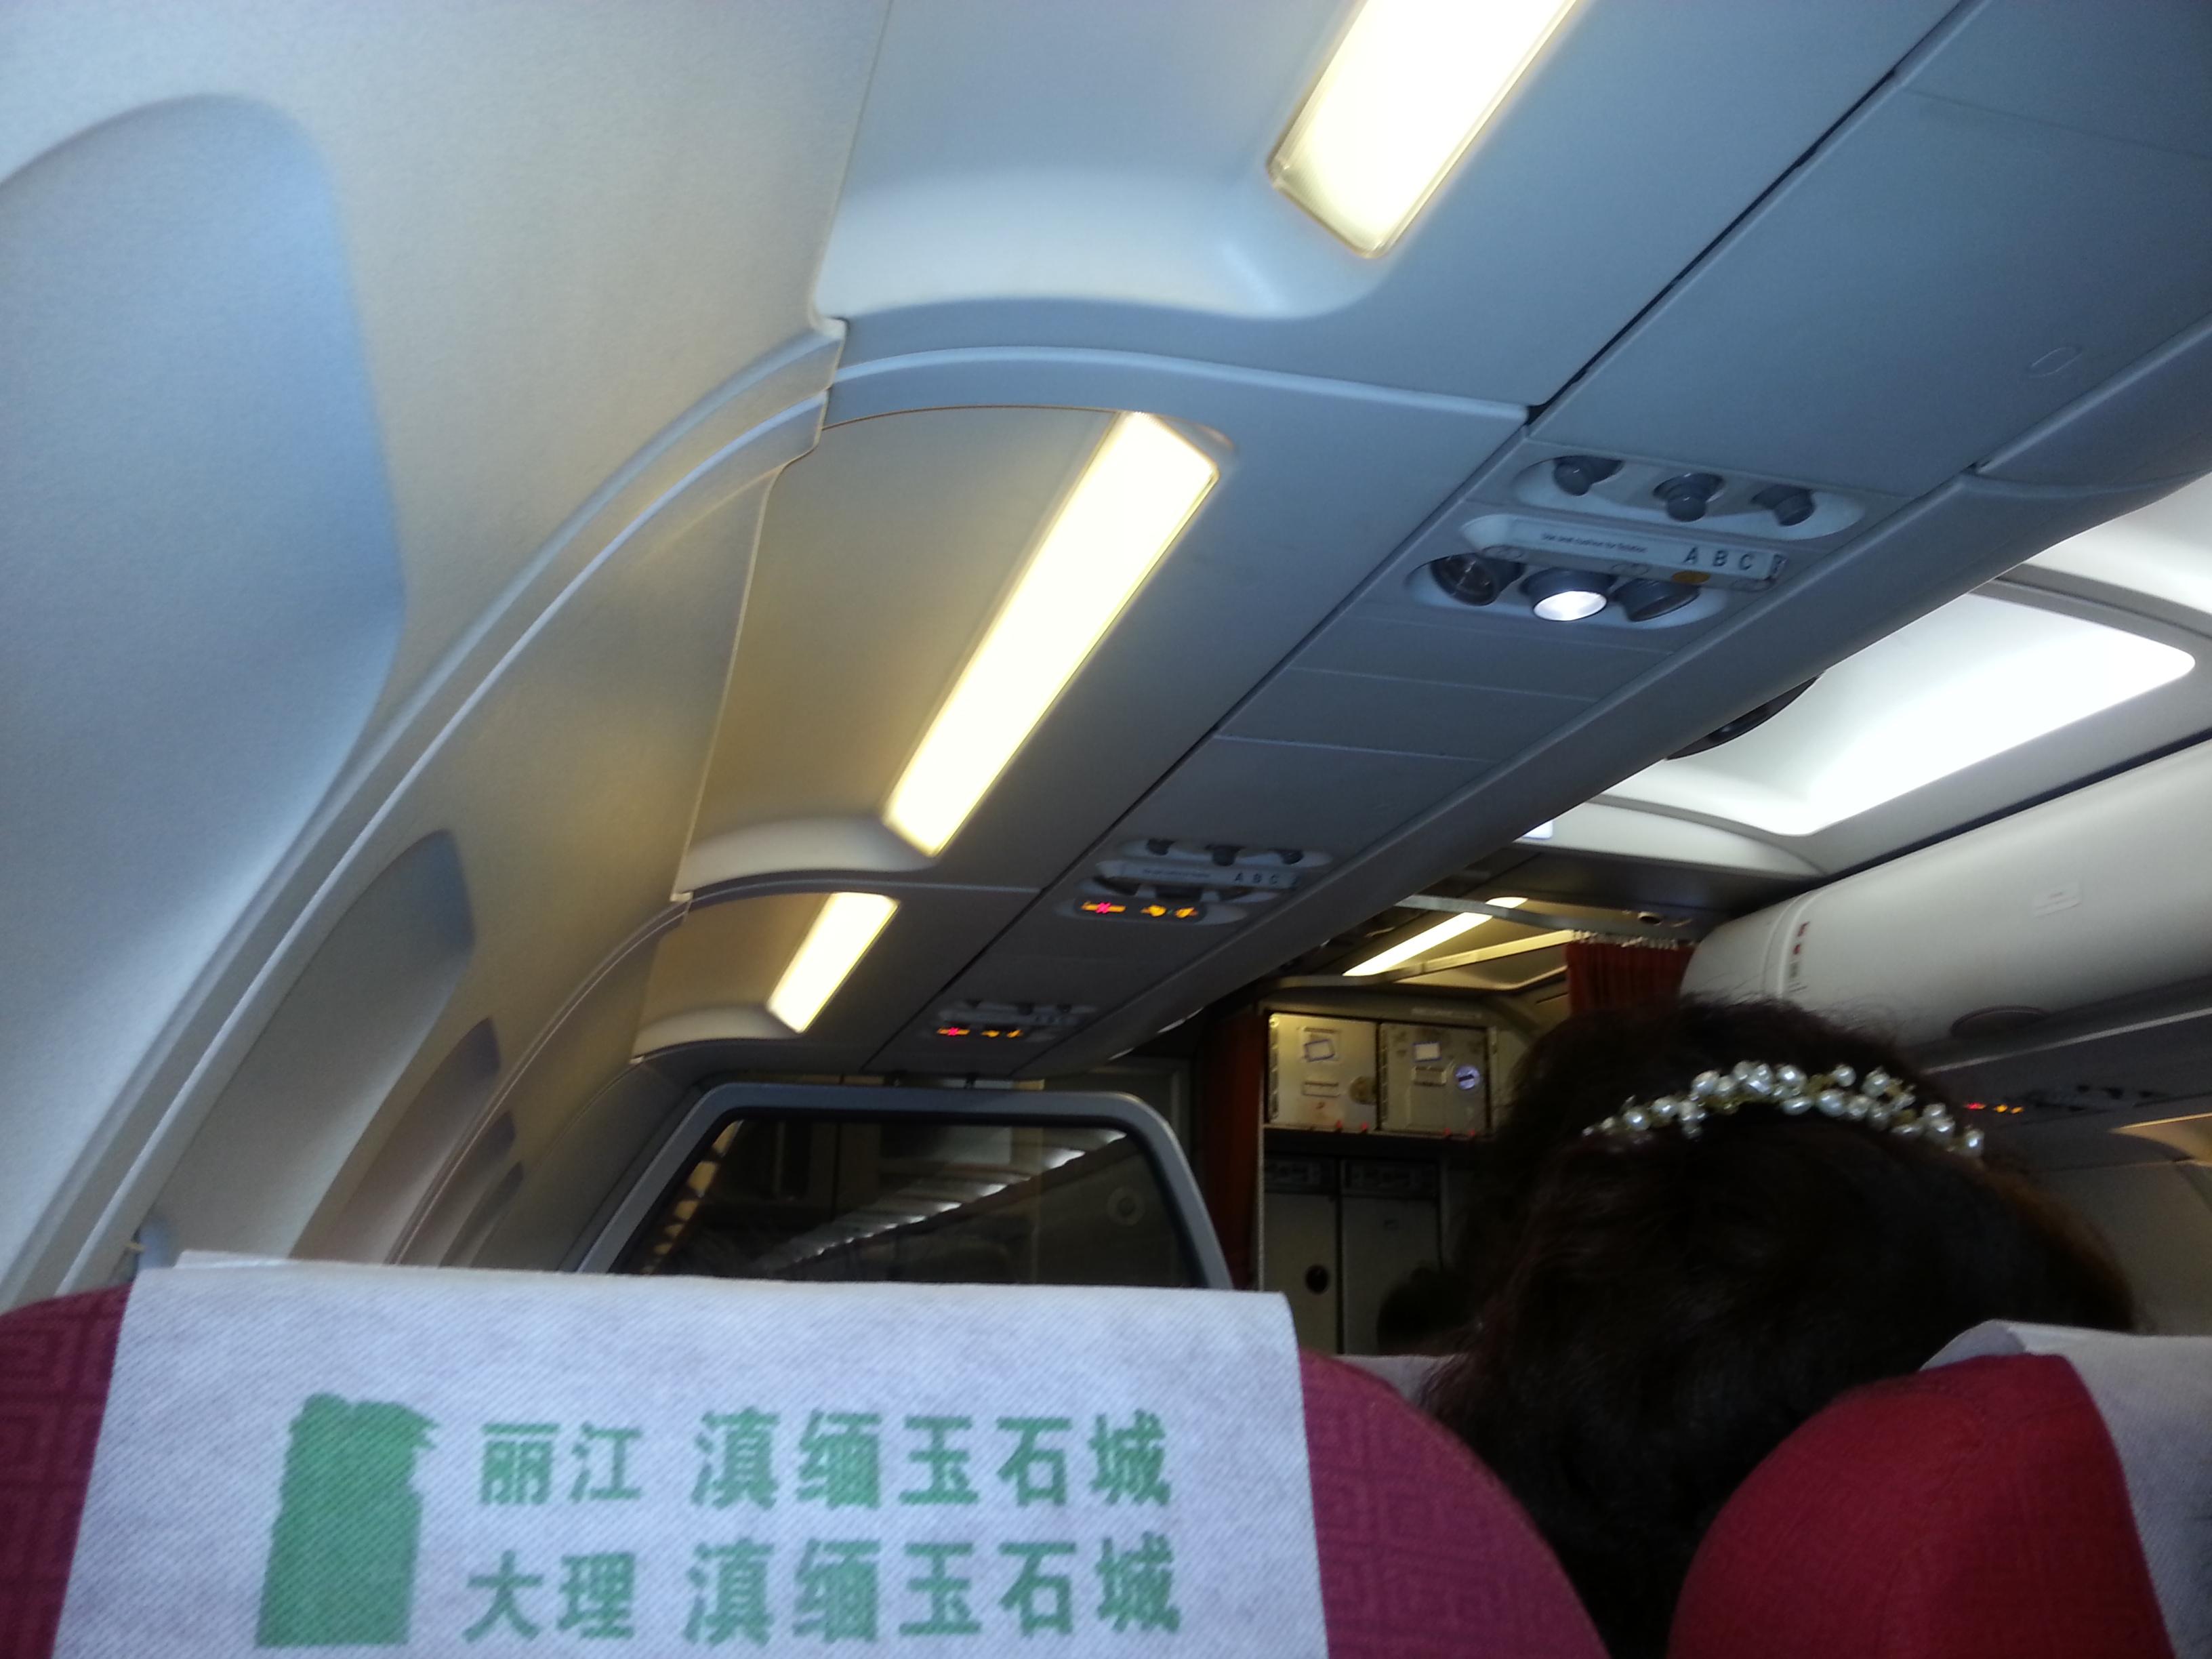 江边夜市小吃街 萧山飞机场 乘车到站 萧山 半夜回杭州啦~~~回家